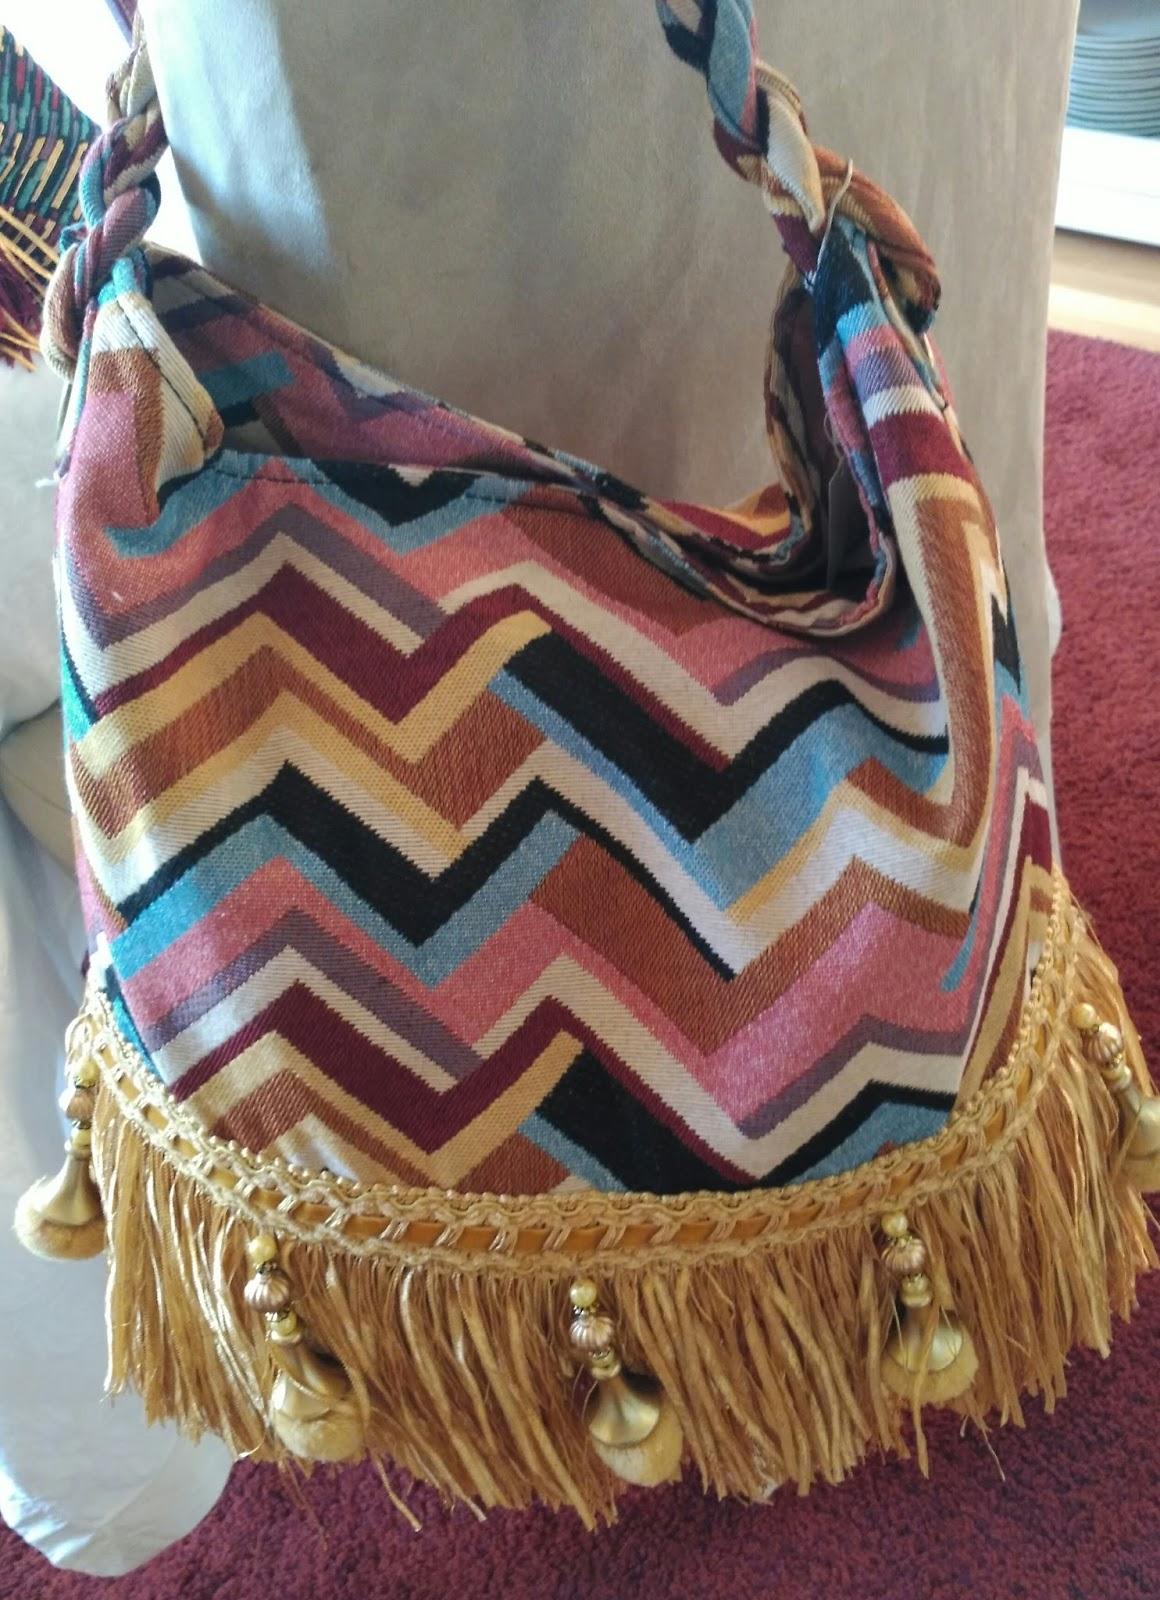 2f7519a27 Bolsos con tela de tapiceria y adorno de flecos en la parte inferior.  Tamaño grande, para hombro. Envios desde Valladolid a toda España. 29€